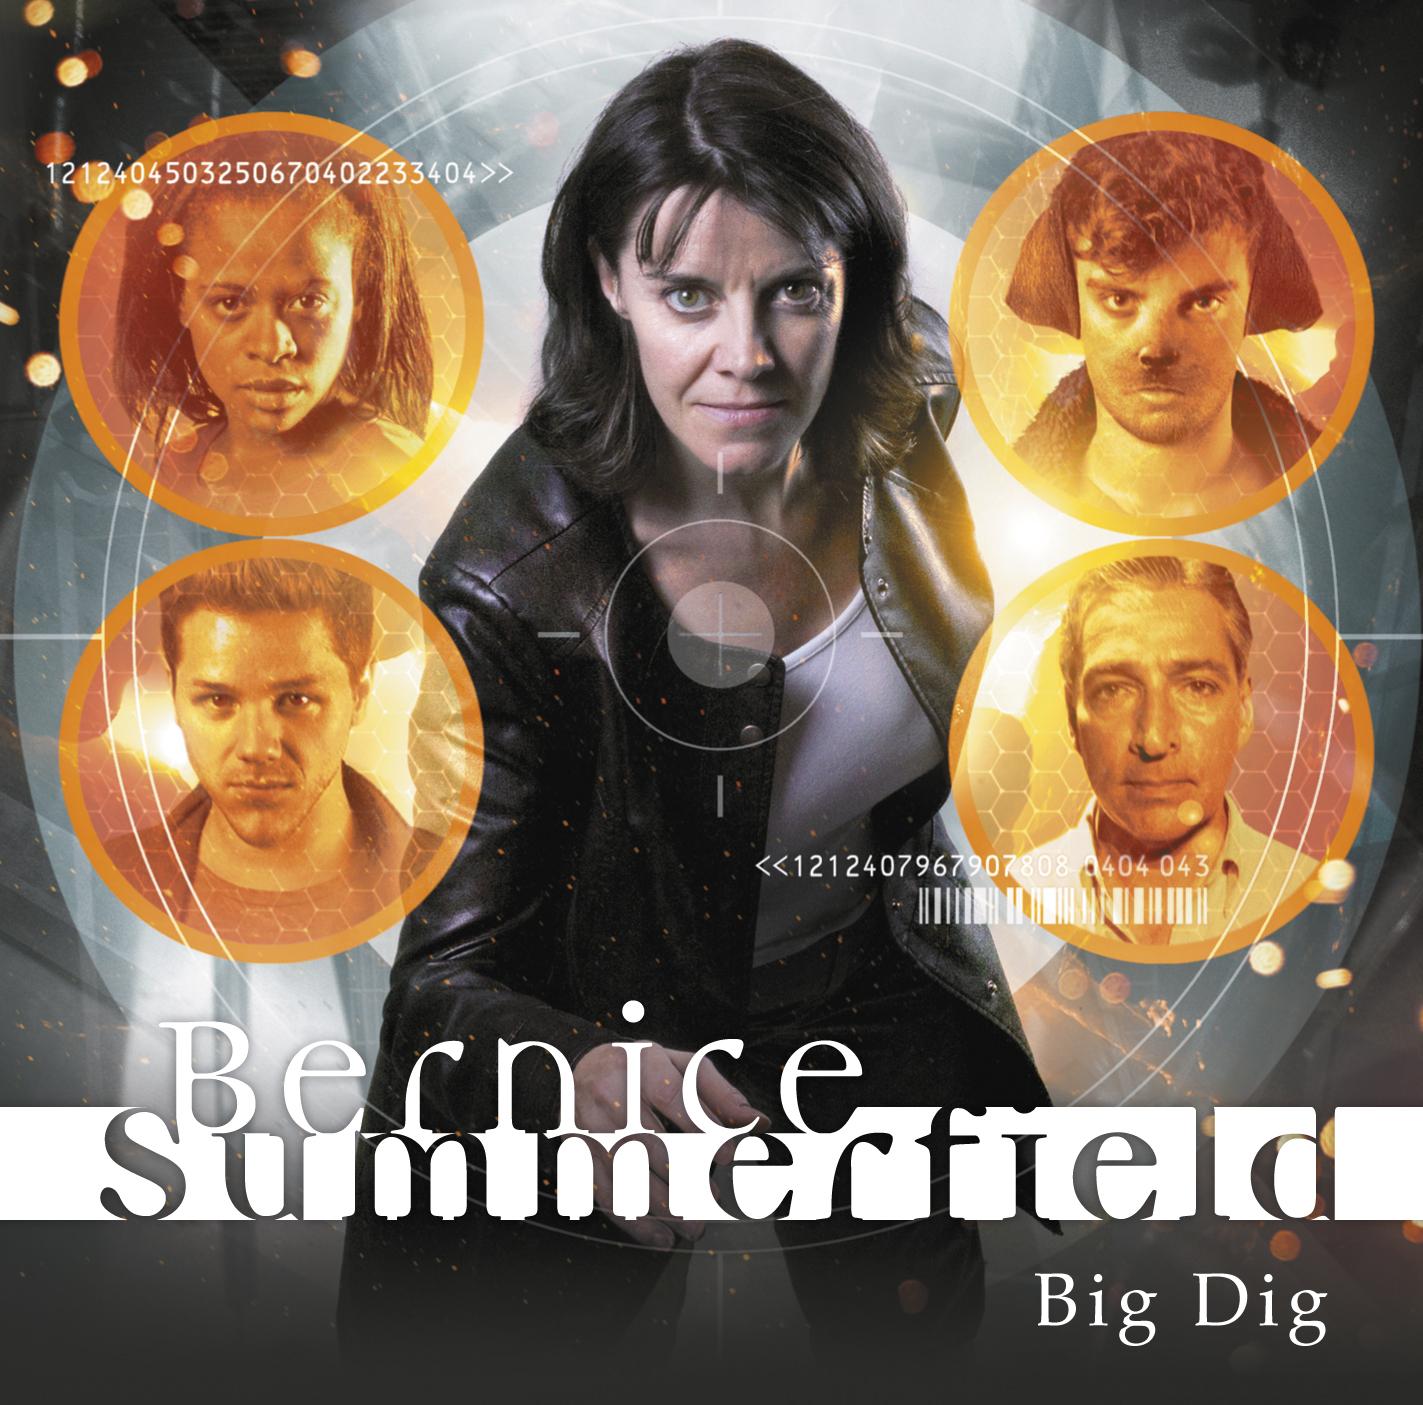 Big Dig (аудио история)